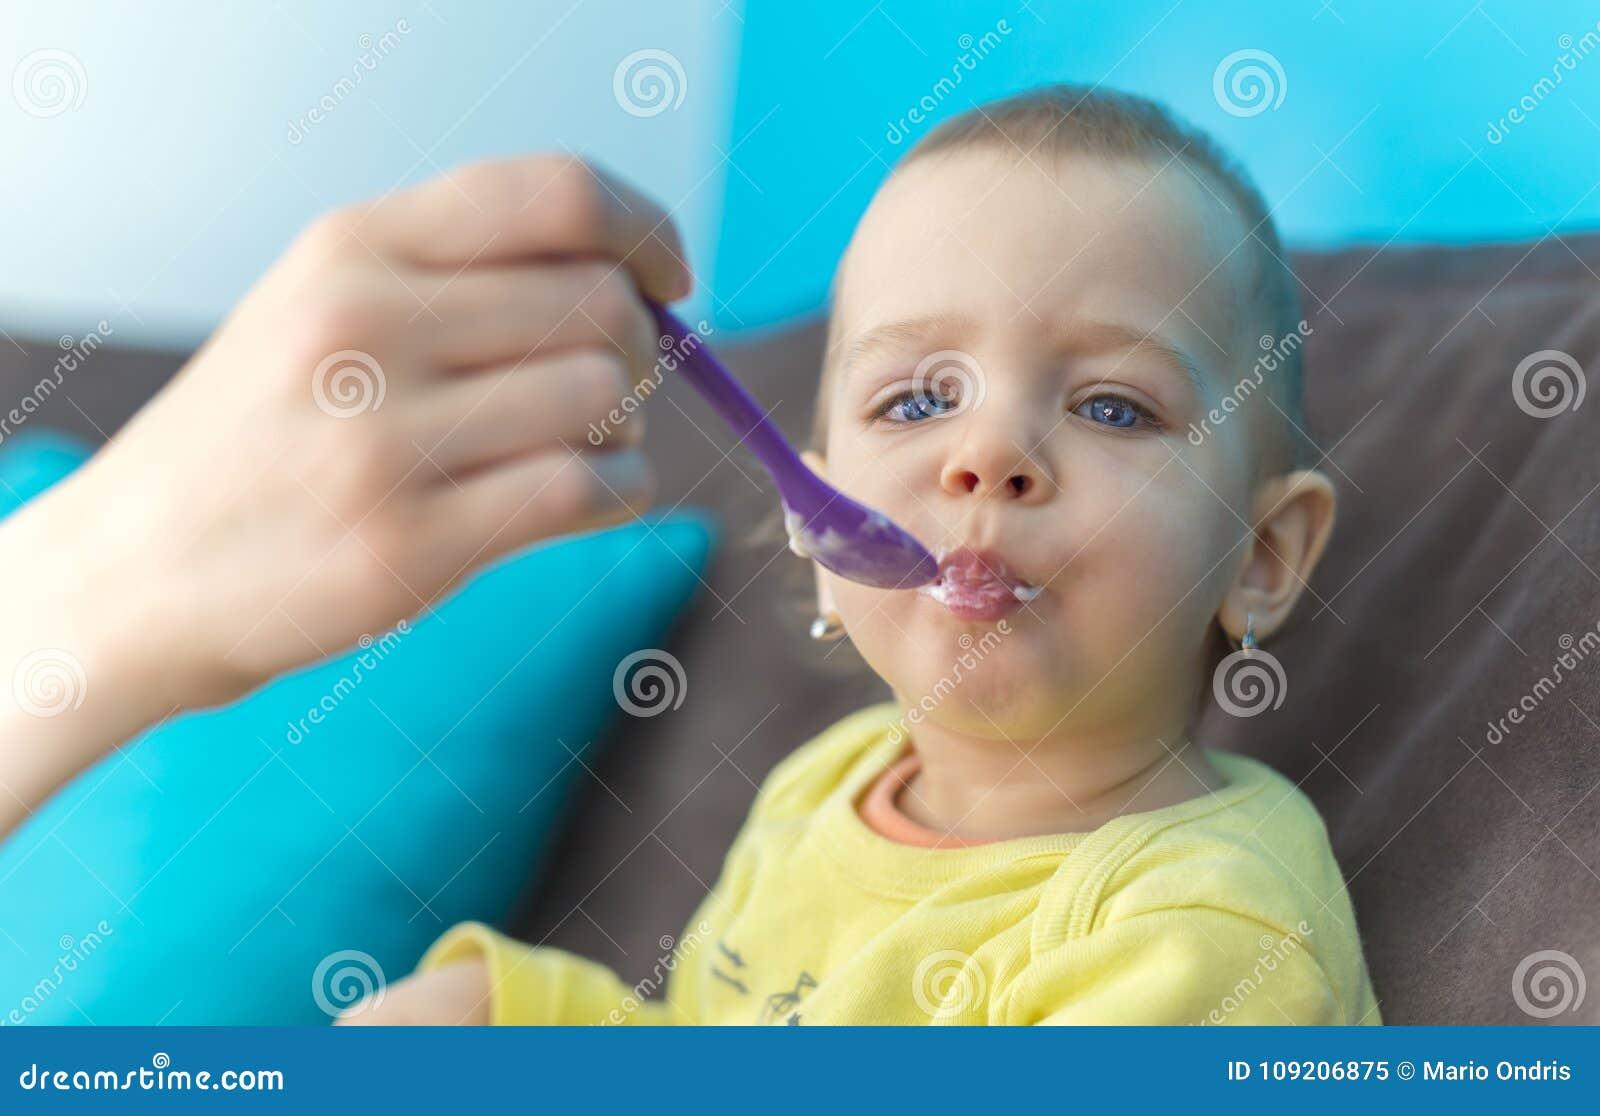 Het voeden van Haar Babymeisje met een Lepel